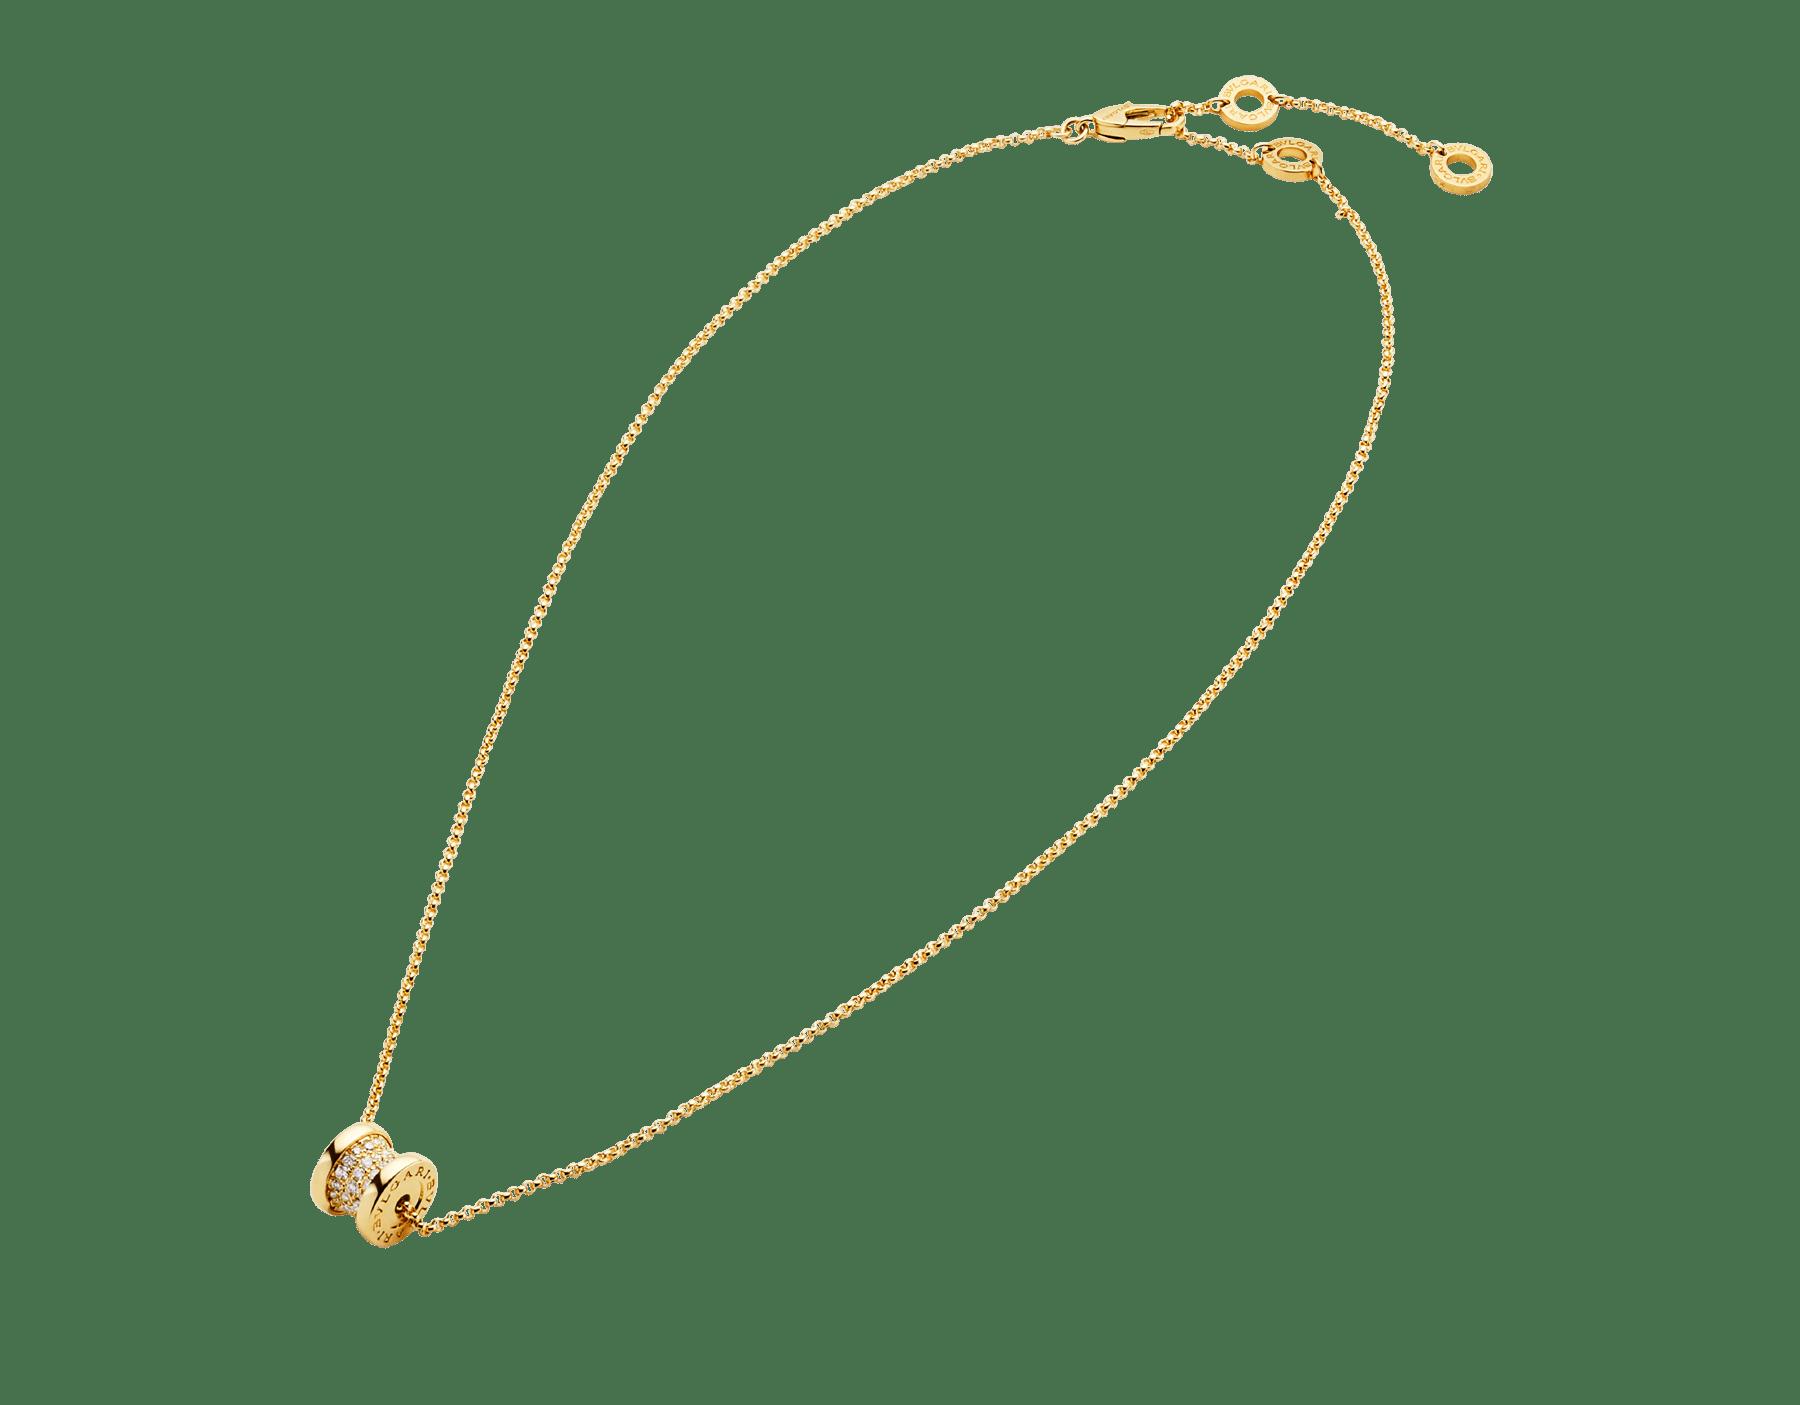 Collier B.zero1 en or jaune 18K avec pavé diamants sur la spirale 357496 image 2